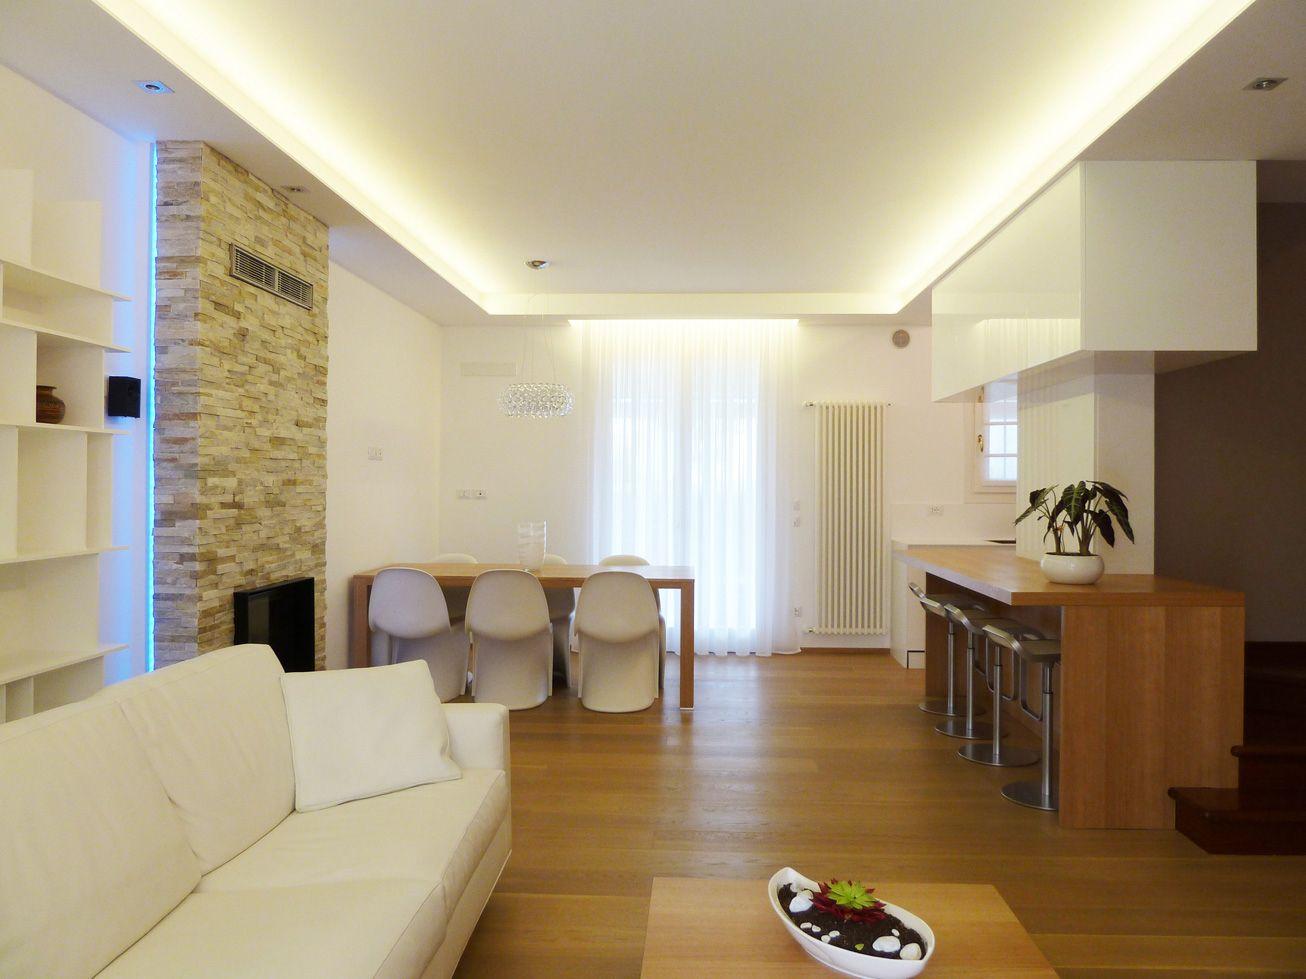 Uno splendido soggiorno illuminato da strisce led bianche for Cerca permesso di soggiorno